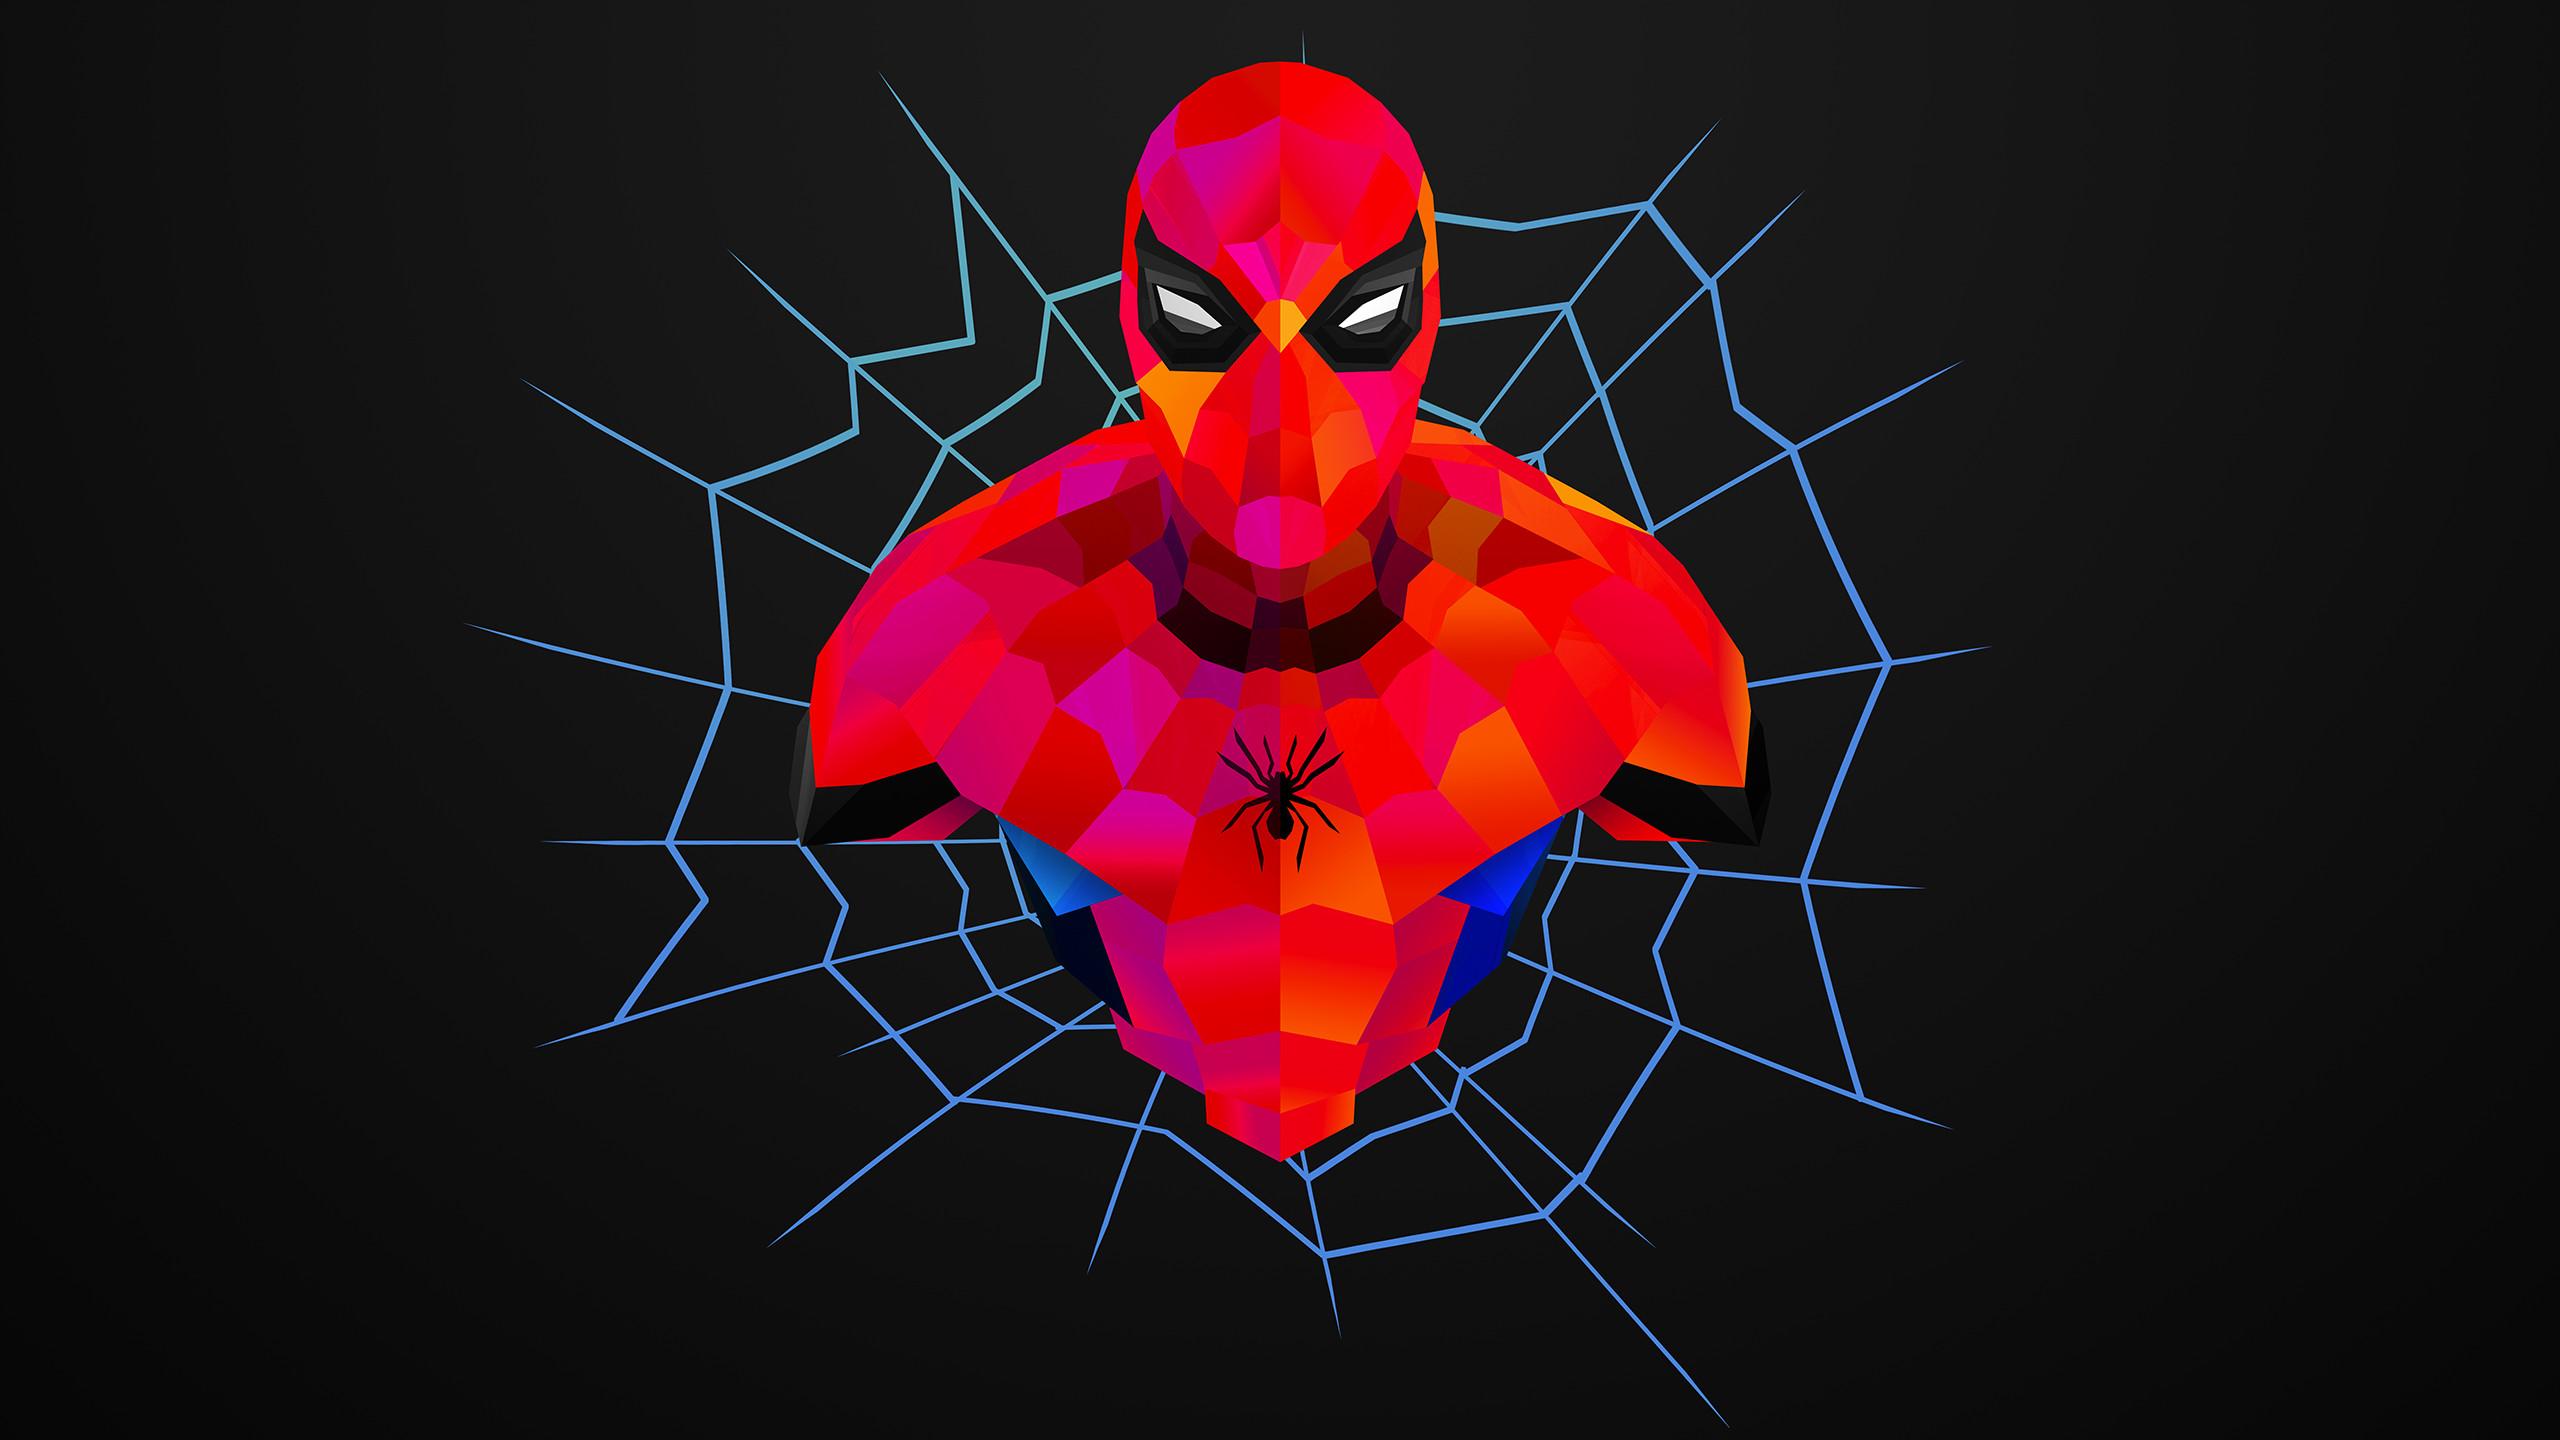 Neon Wallpaper Spiderman - Novocom.top